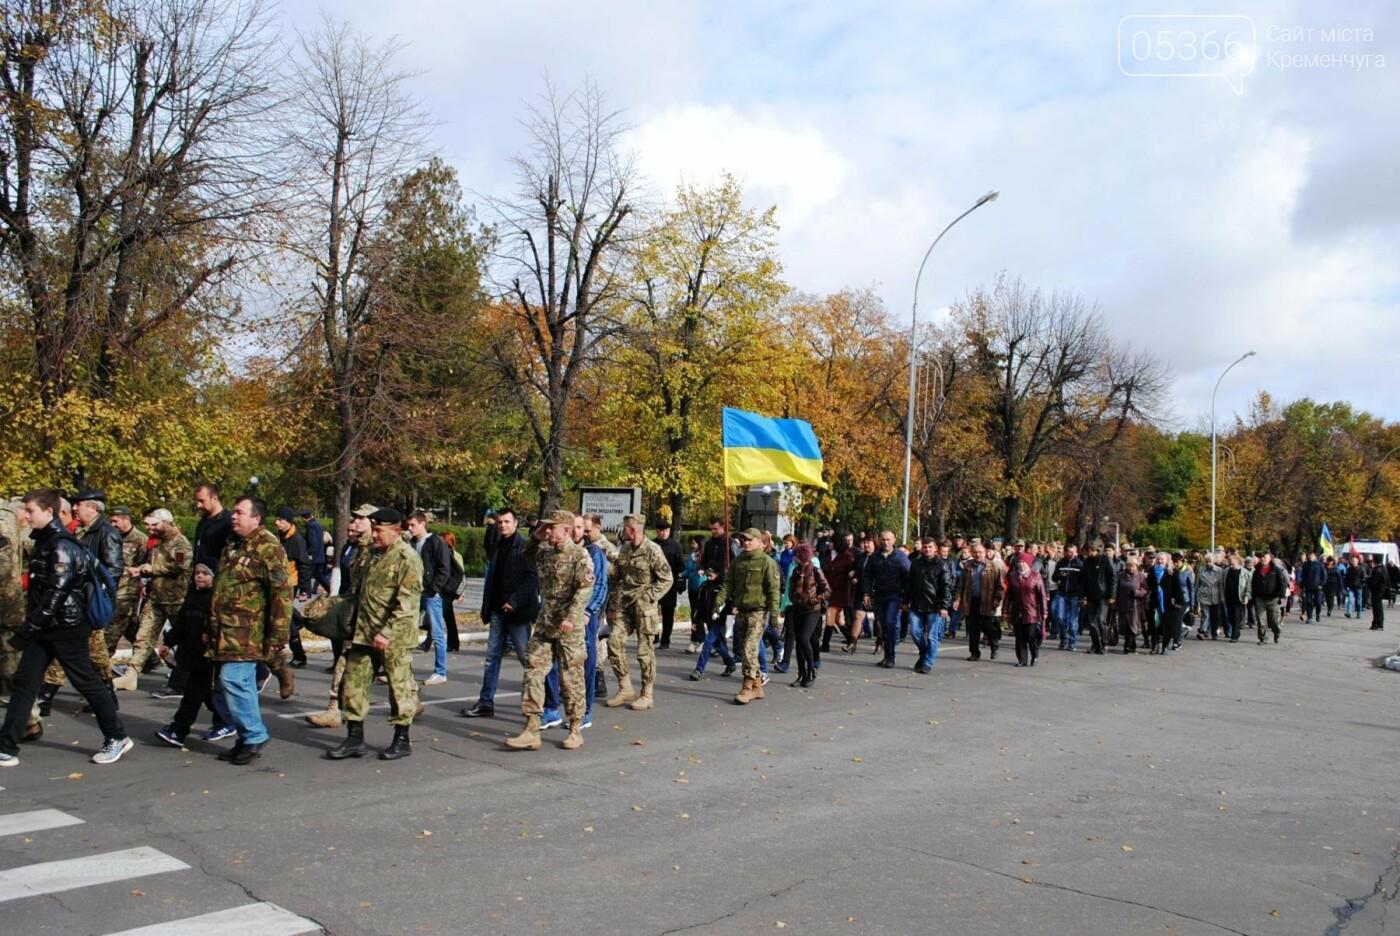 Кременчуг празднует День защитника Украины (фоторепортаж), фото-4